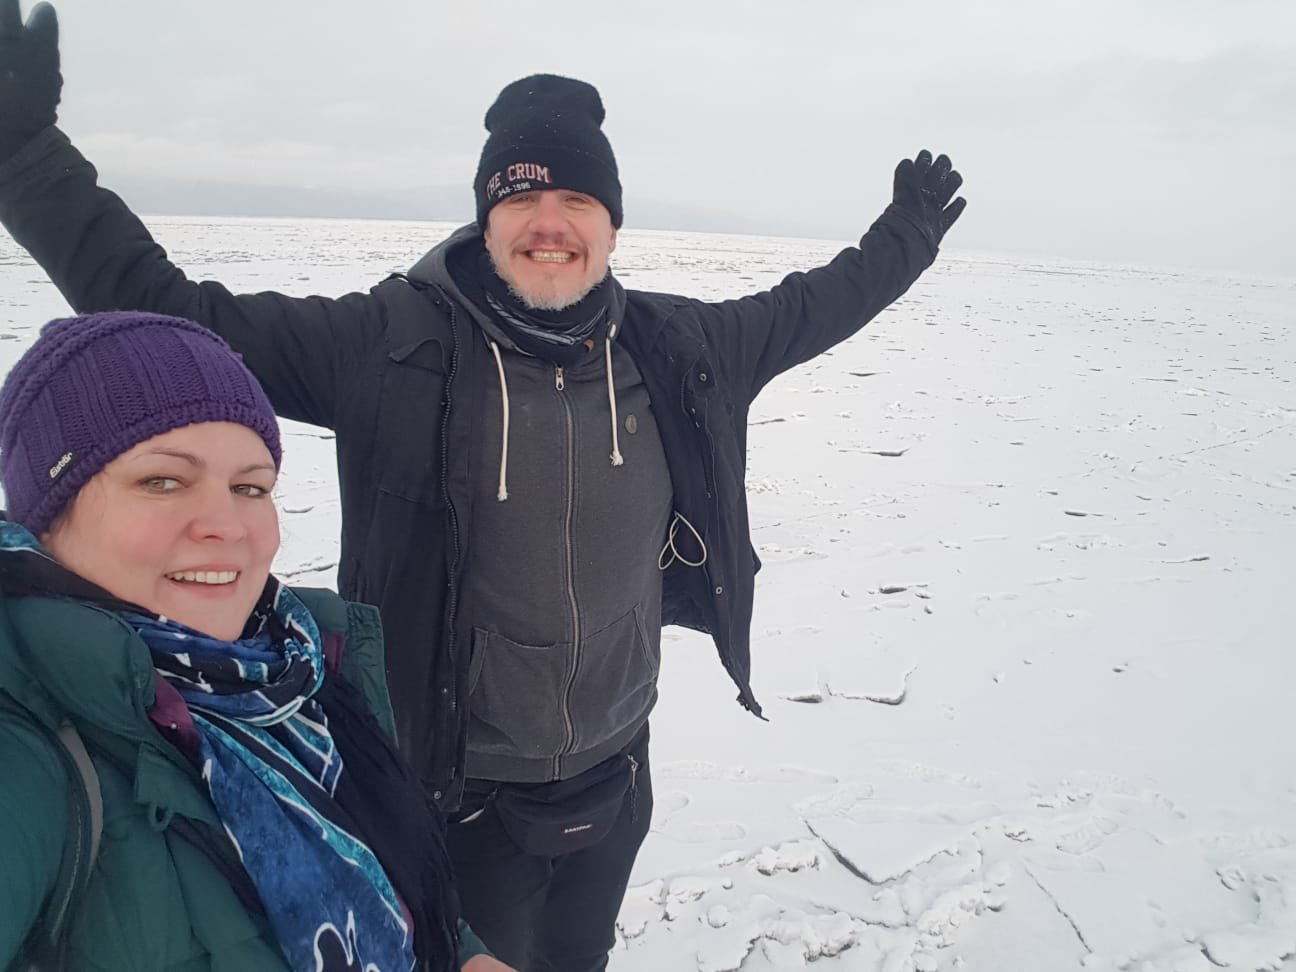 Hurra, wir stehen auf dem Baikalsee